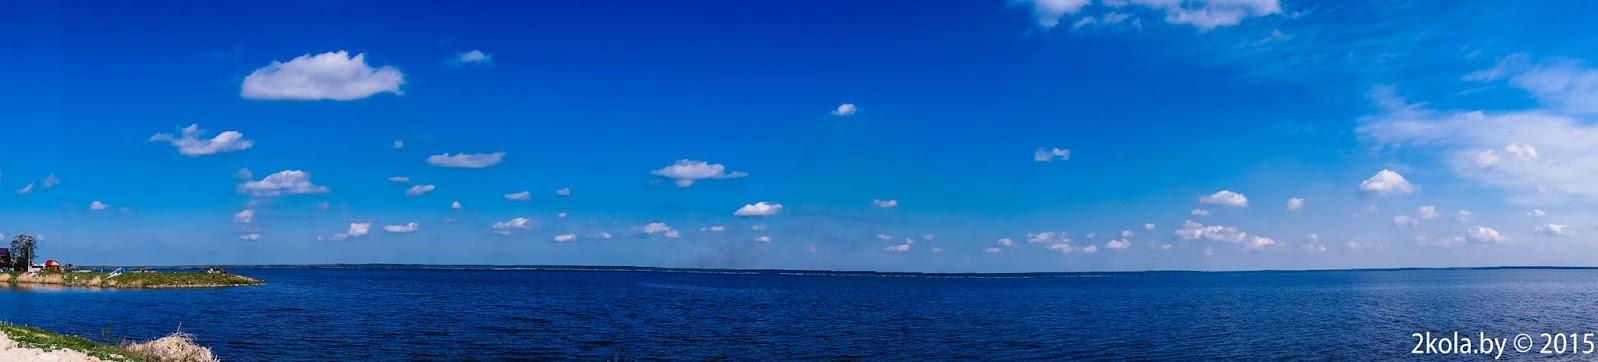 Выганашчанцкае возера